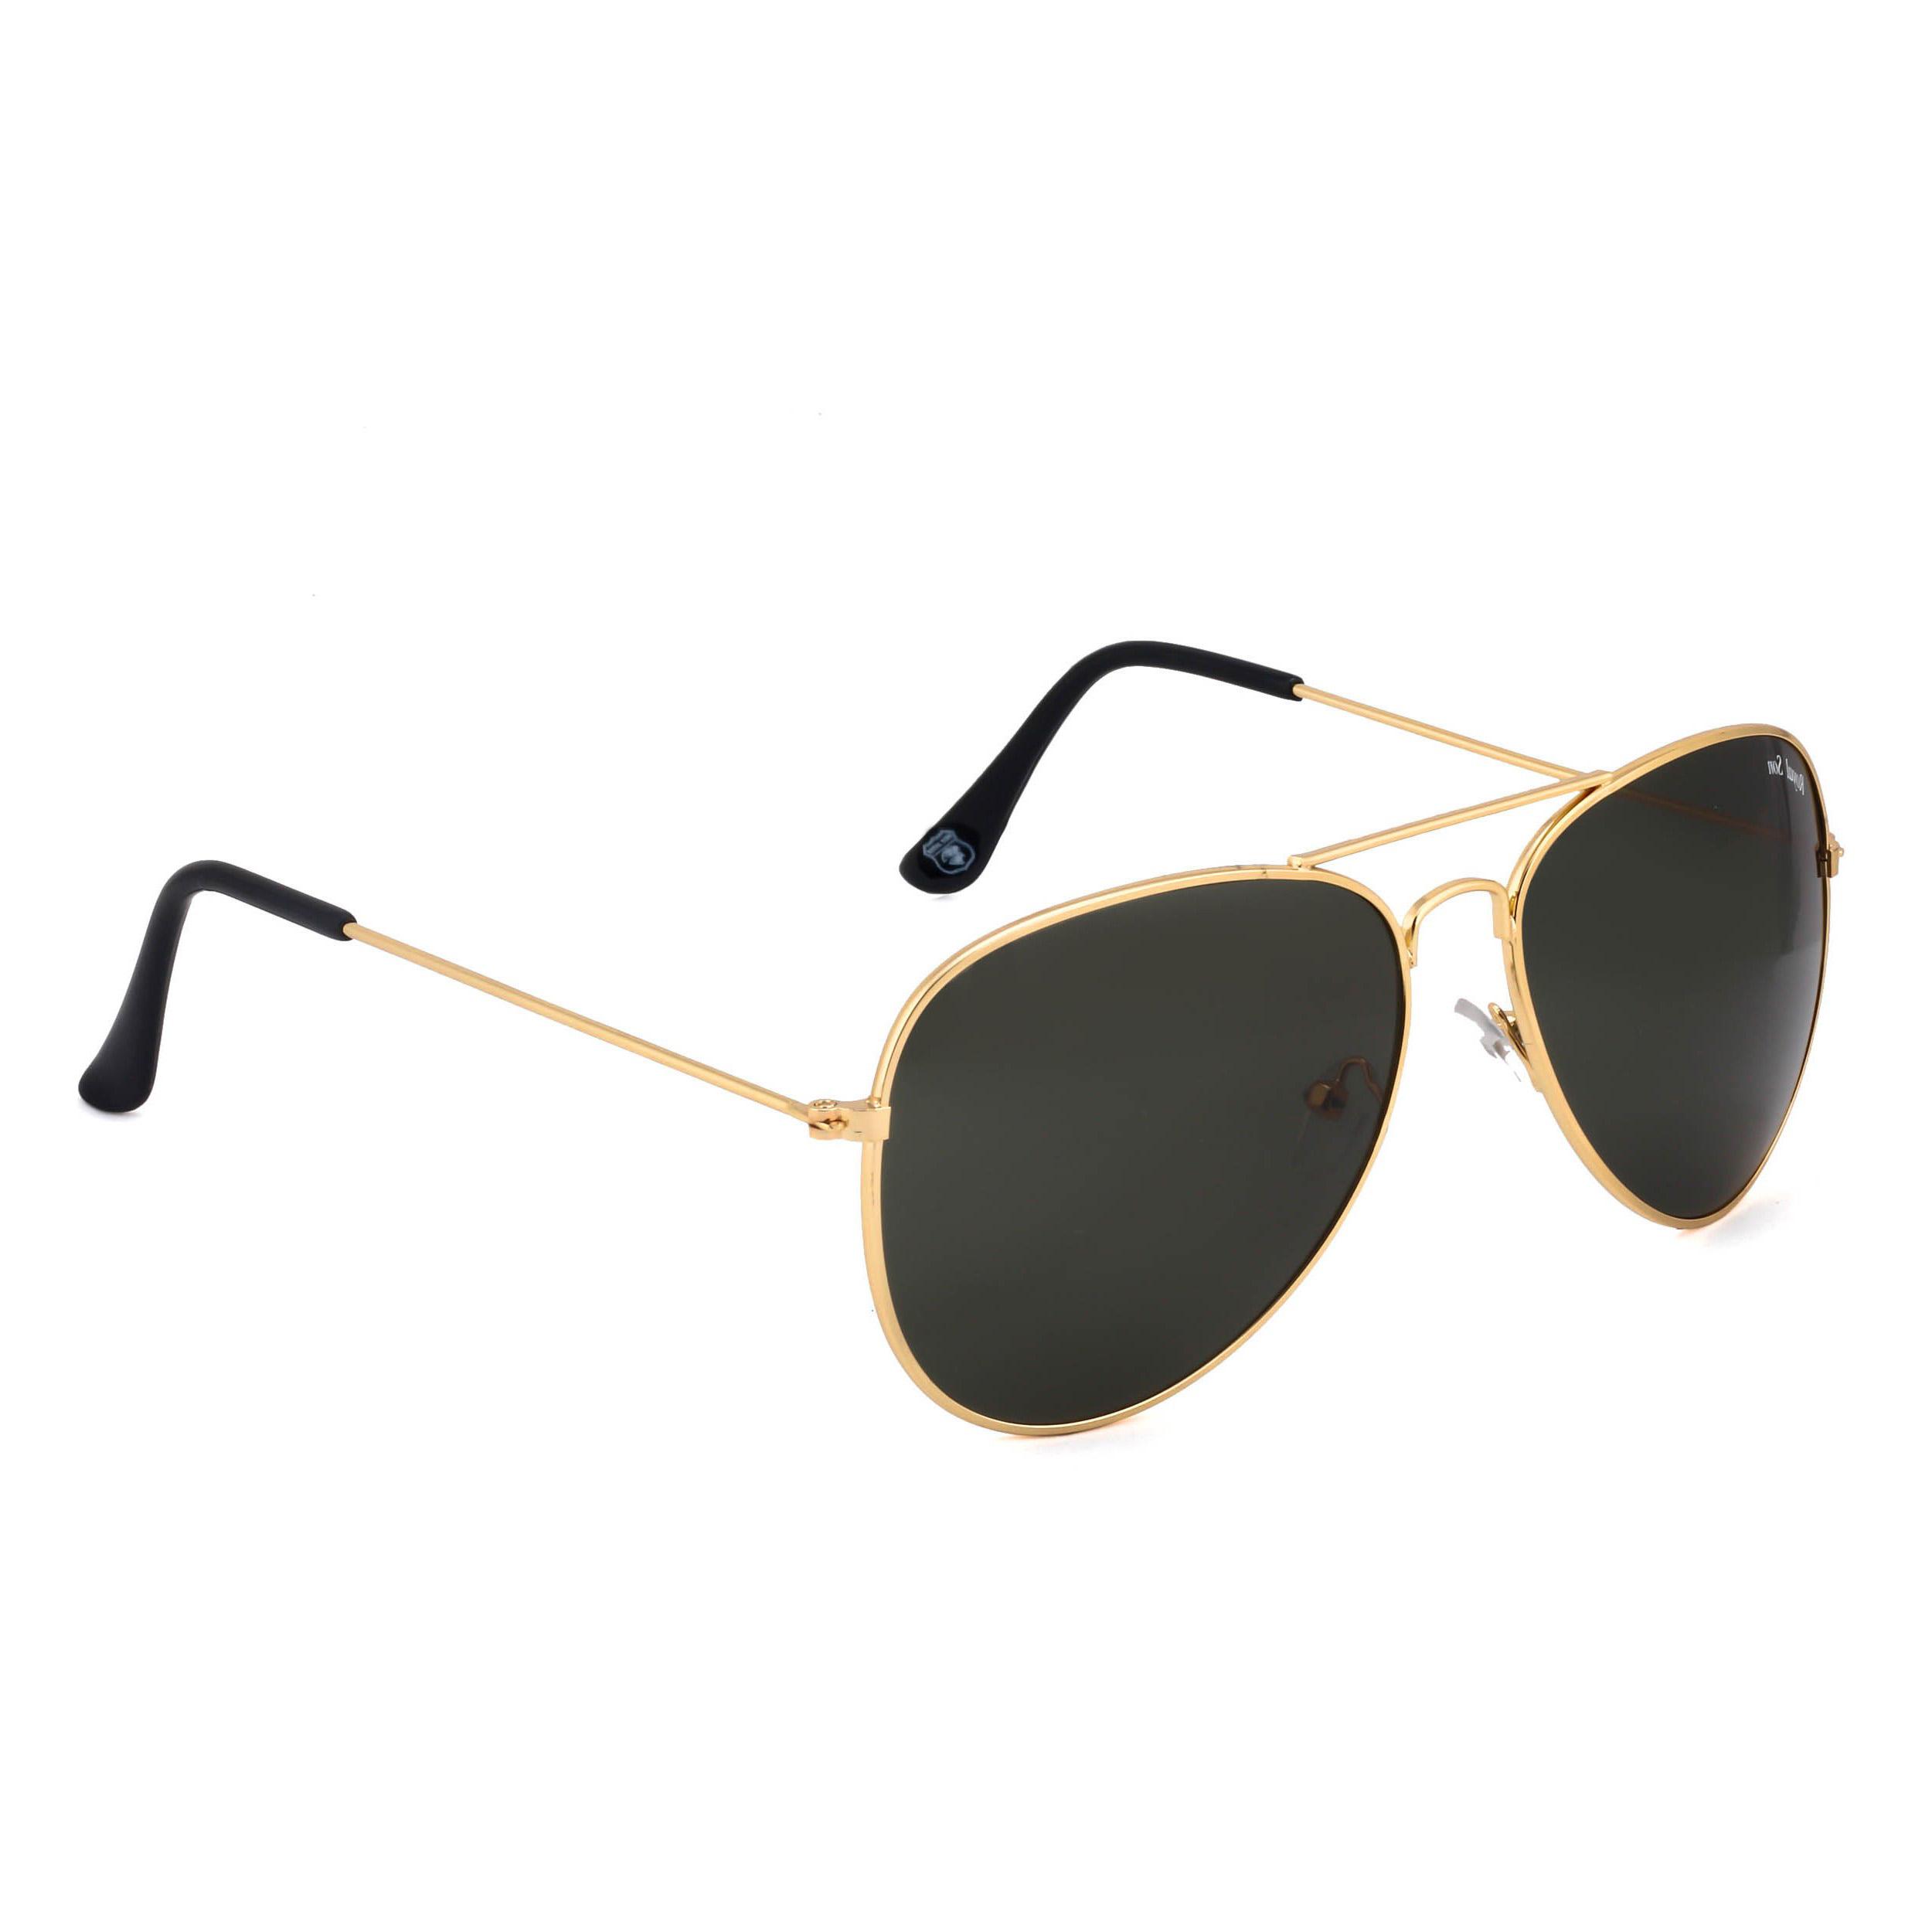 Aviator Sunglasses Flipkart  royal son rs0019av aviator sunglasses price at flipkart snapdeal